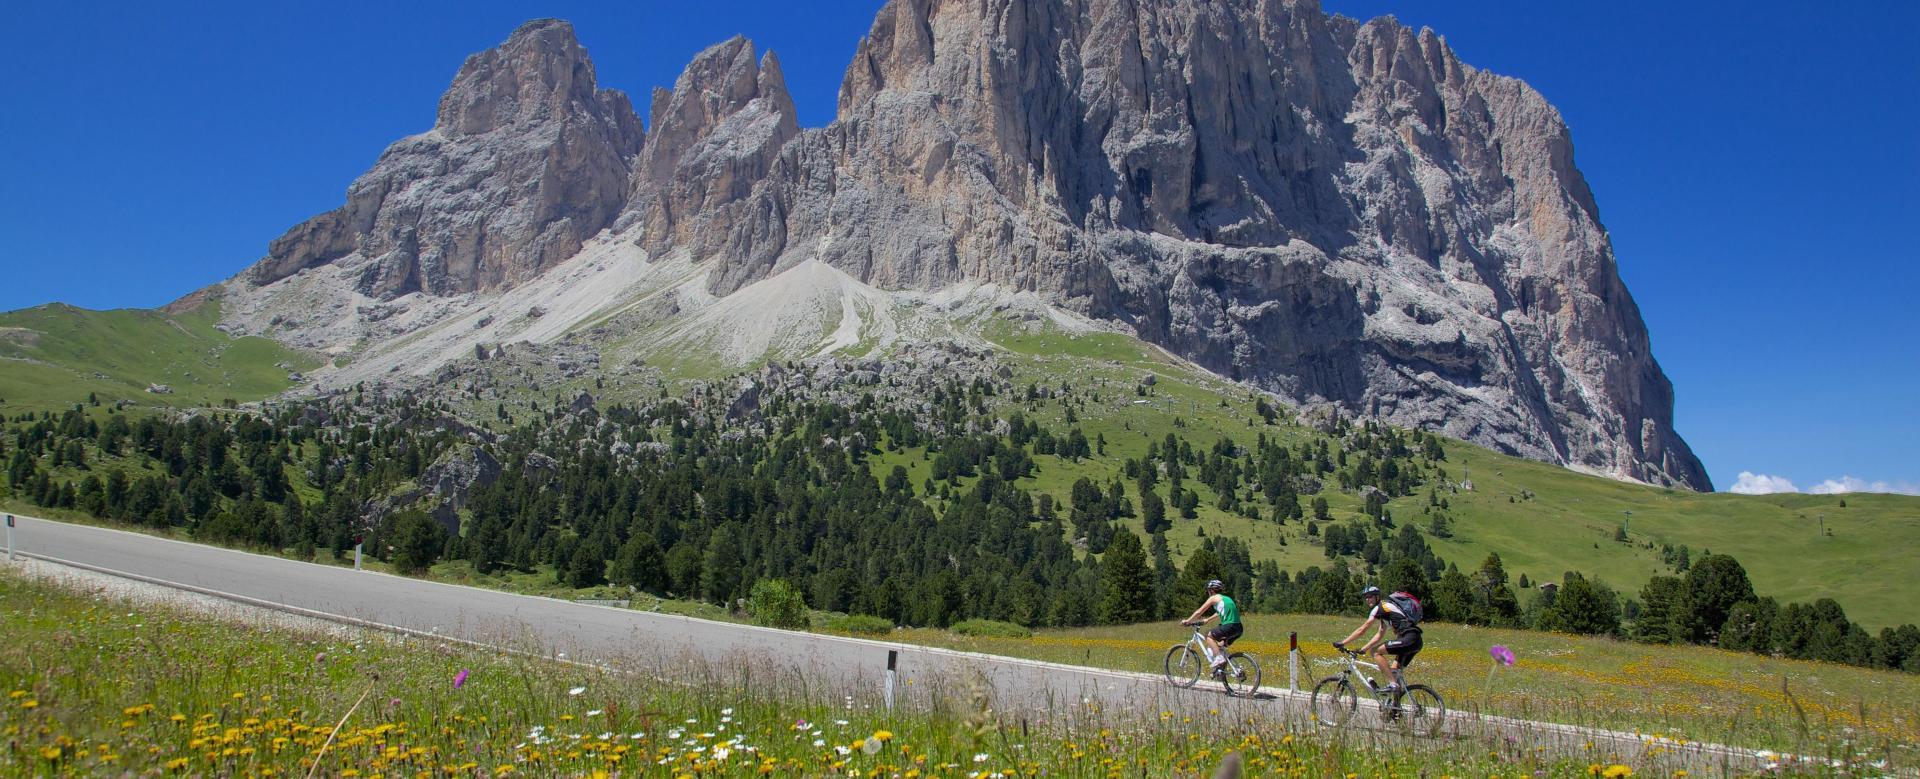 Voyage à vélo Italie : Vélo et rando dans les dolomites